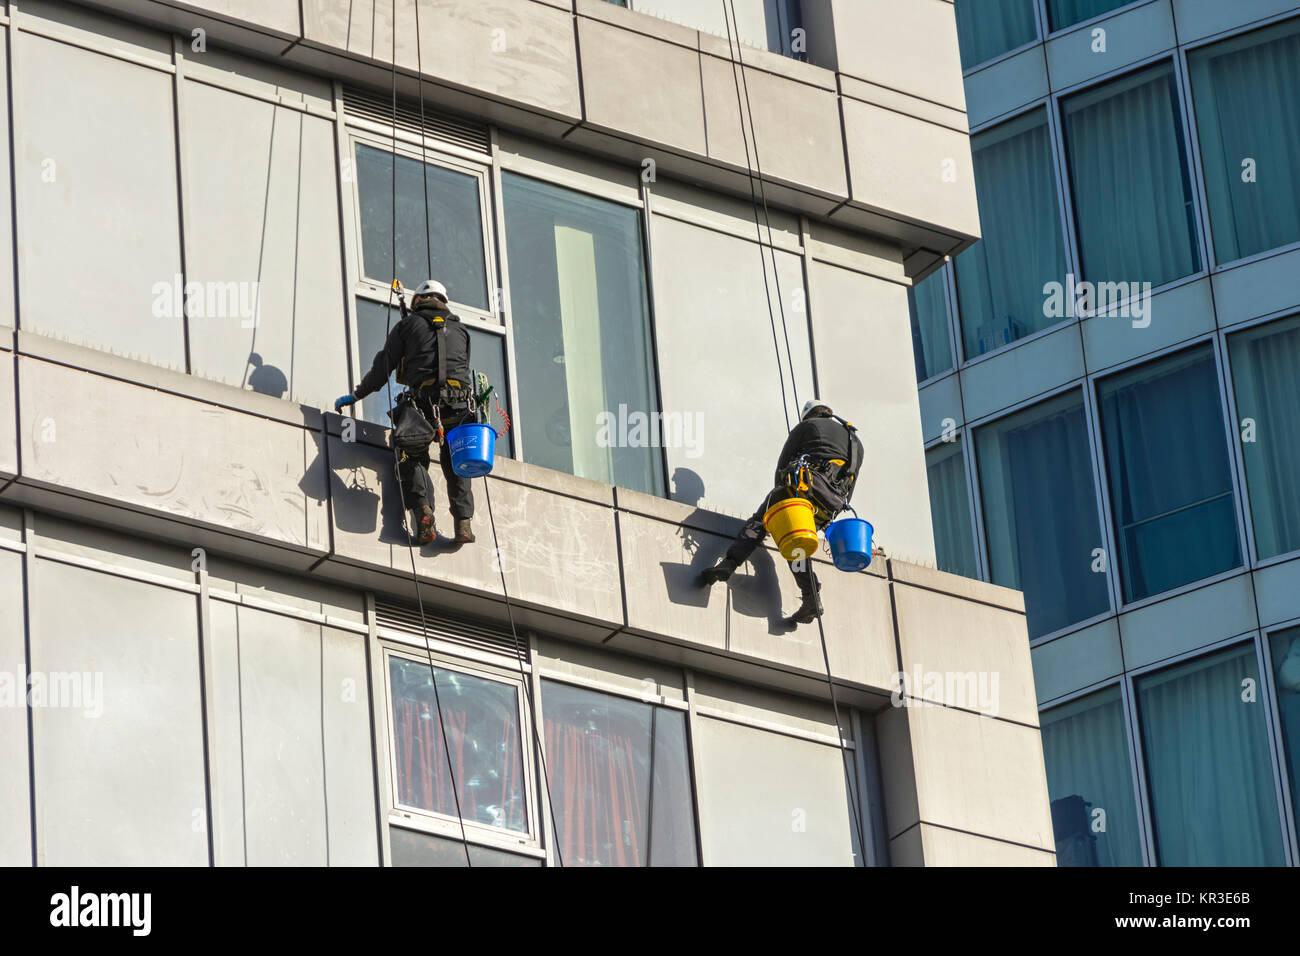 Deux laveurs de vitres à l'aide de techniques d'accès sur corde sur un bâtiment près Photo Stock